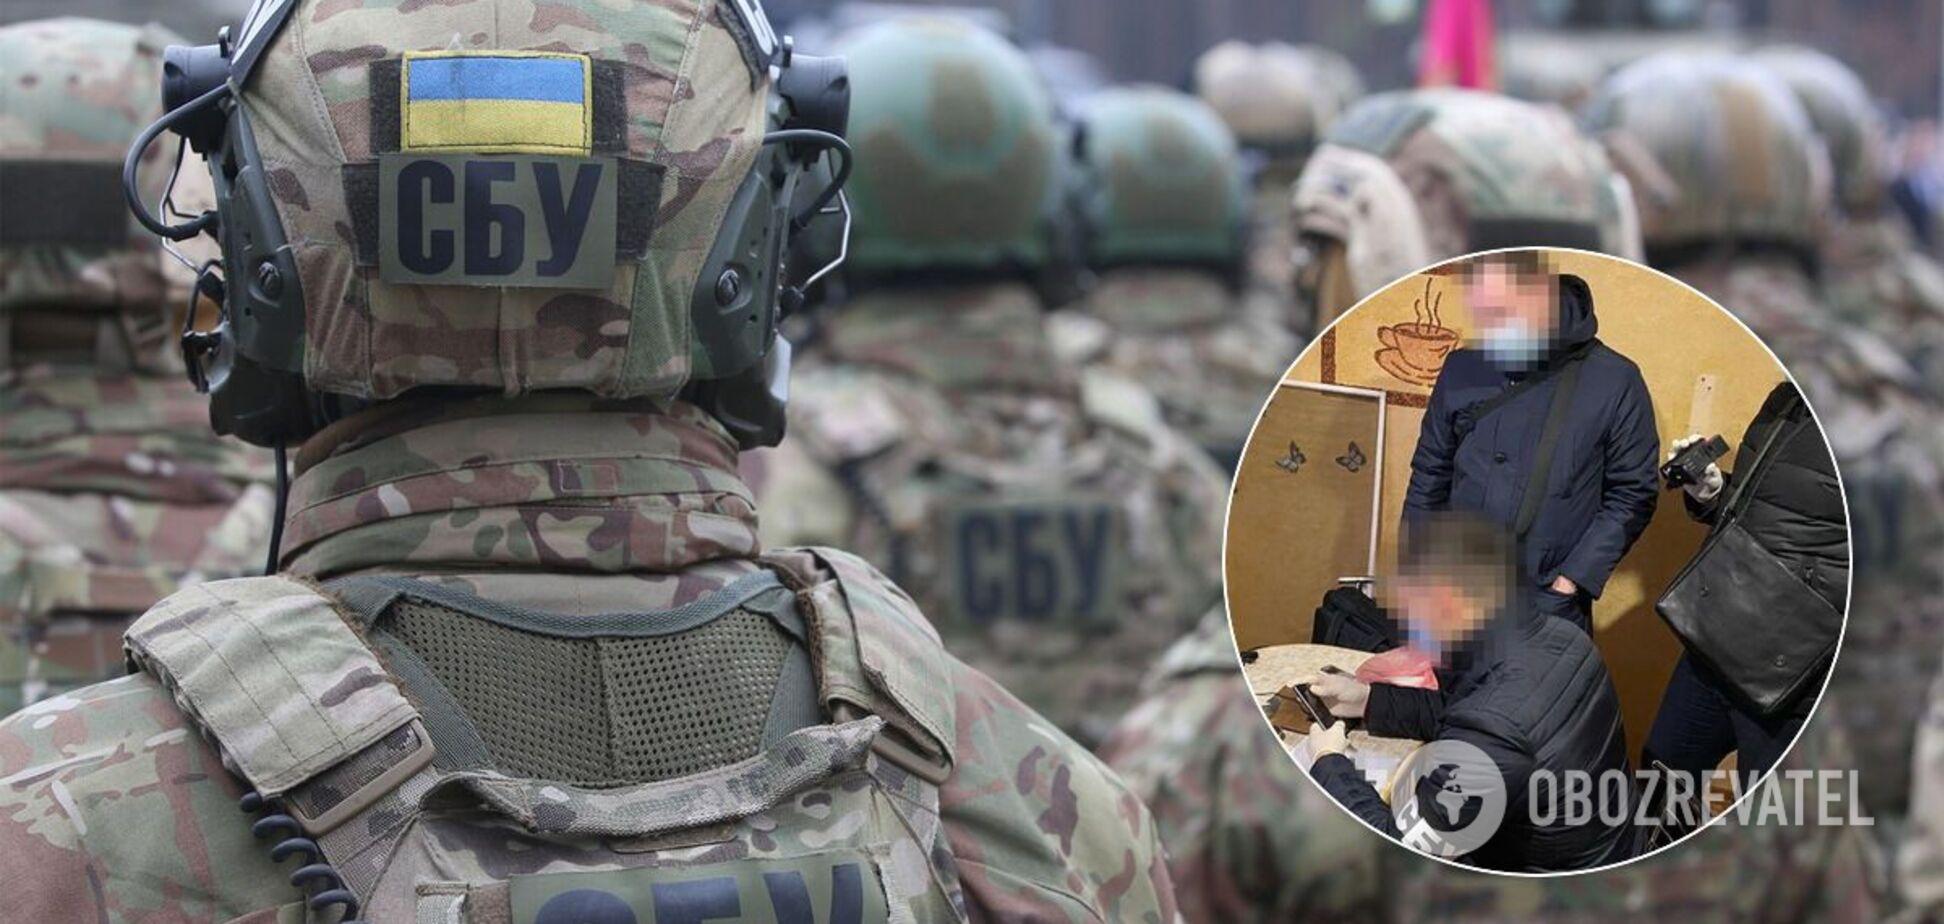 СБУ разоблачила онлайн-агитаторов, управляемых с РФ: поддерживали оккупацию Крыма и террористов в ОРДЛО